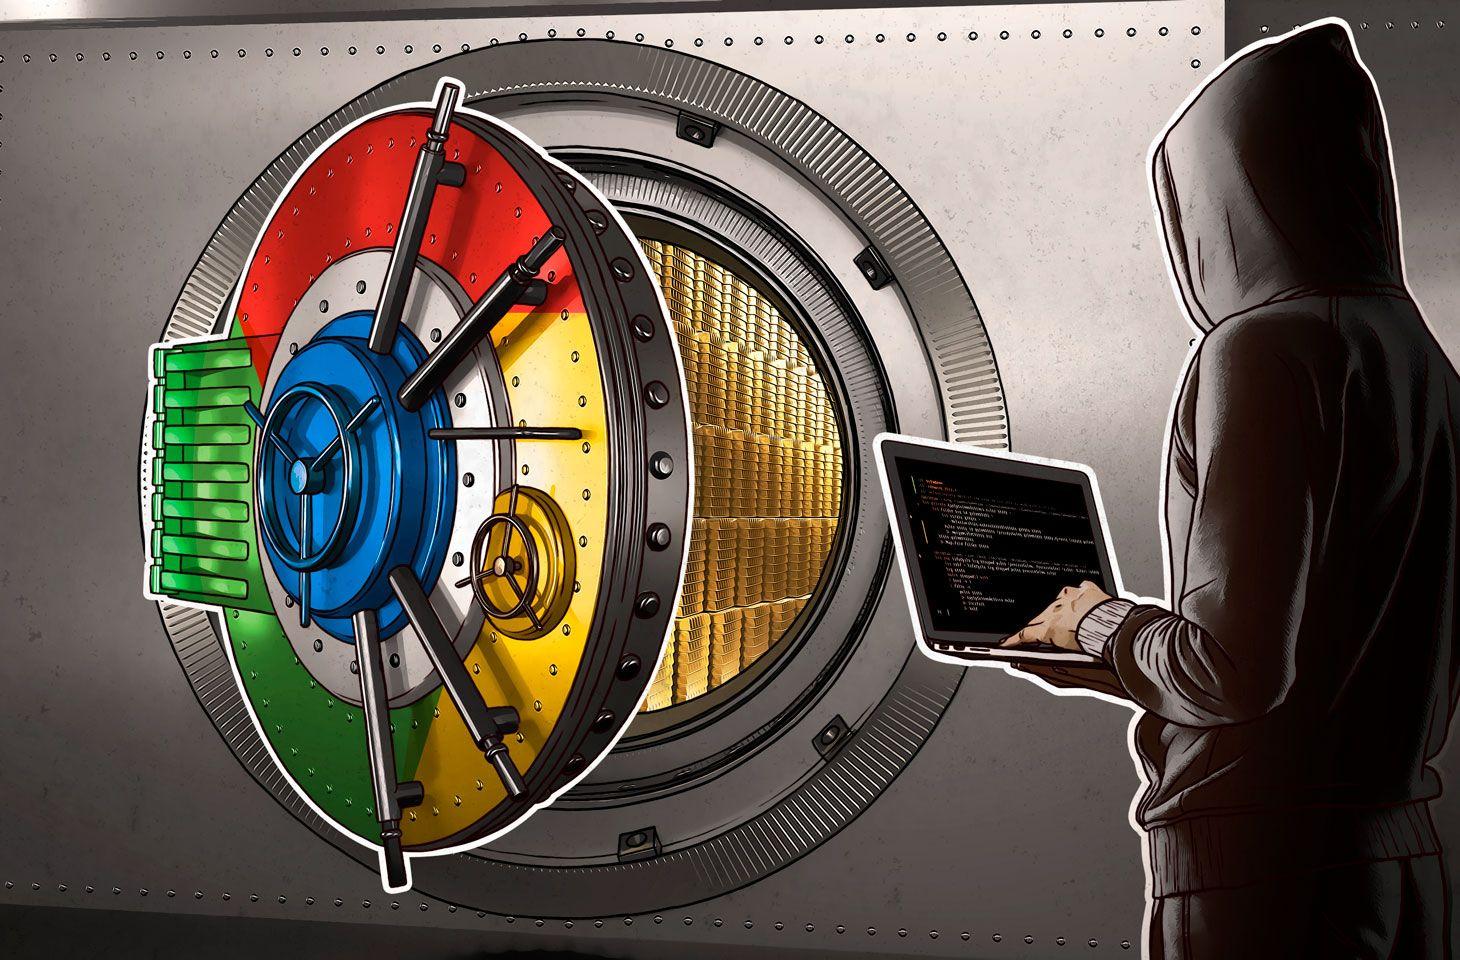 El malware puede robar contraseñas, datos de tarjetas de crédito y otro tipo de información almacenada en tu computadora.